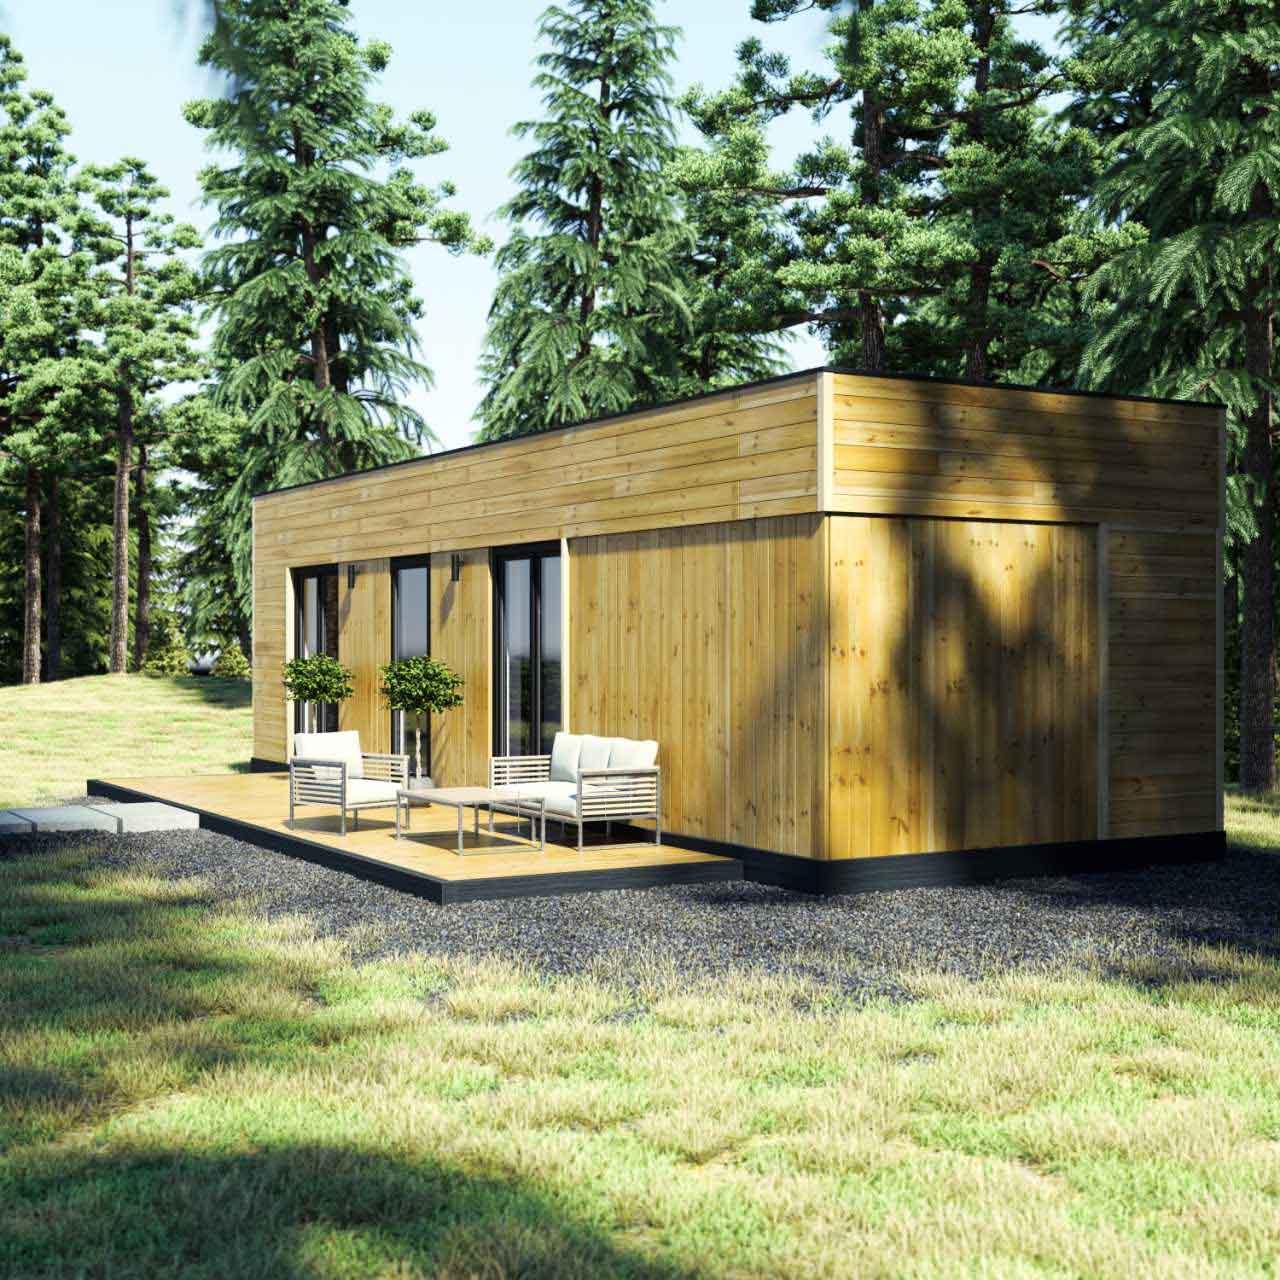 modular house TICABhouse 2